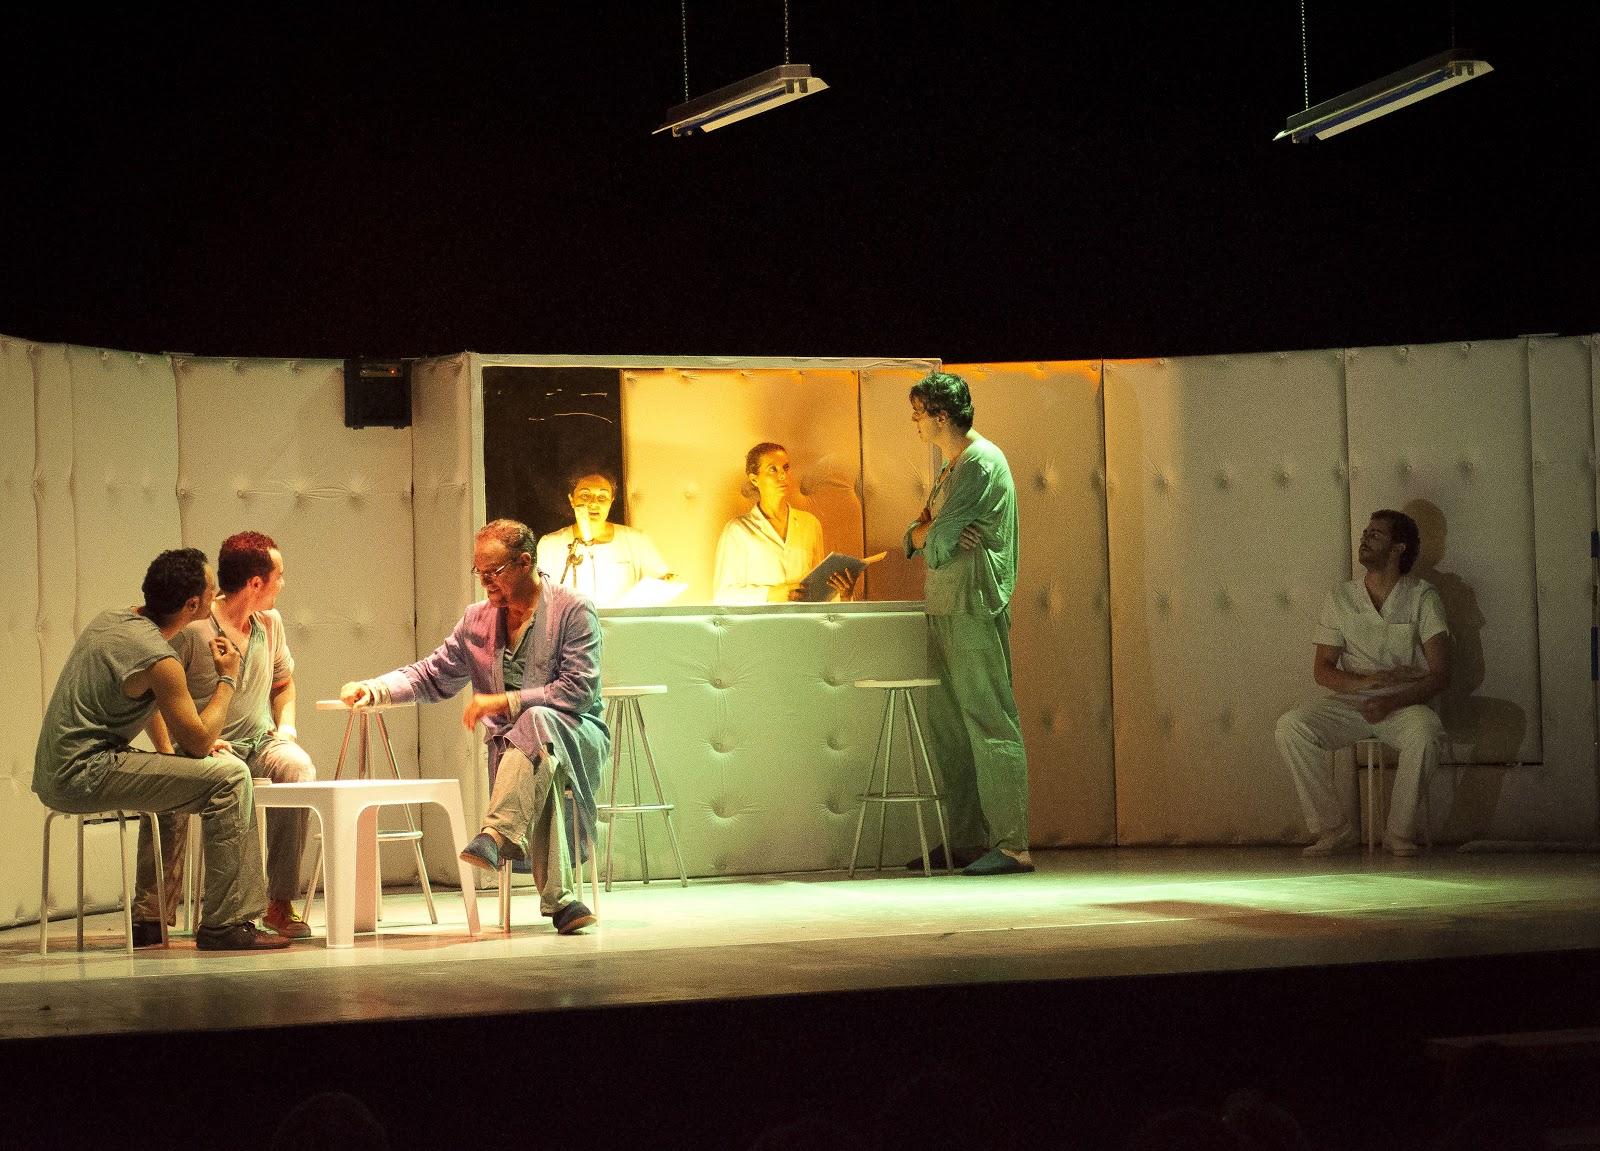 Teatro aficionado teatro de la crisis de valladolid for Caixa valladolid oficinas